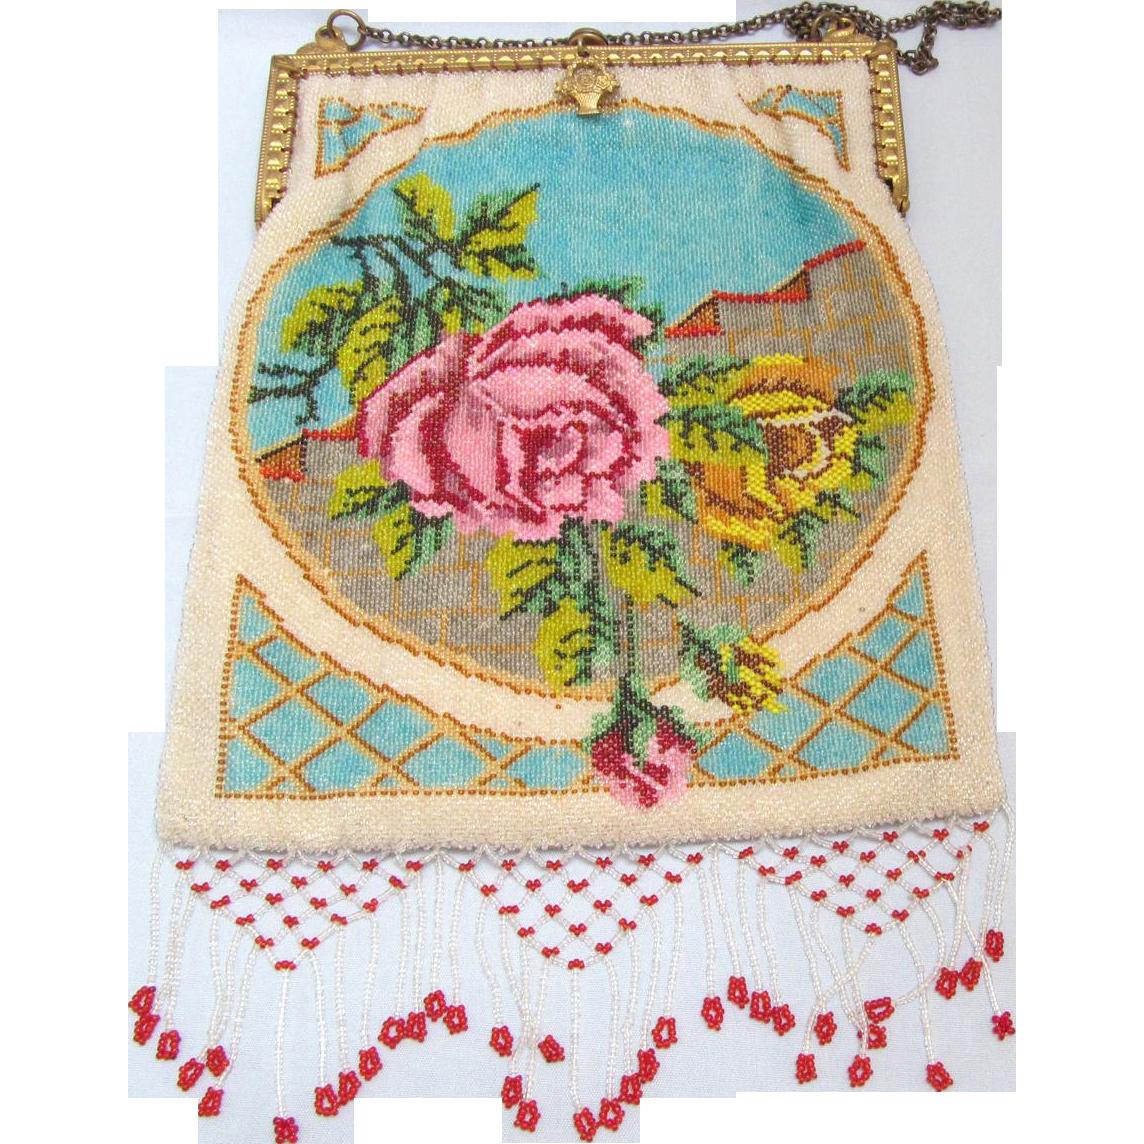 Vintage Micro Beaded Purse Handbag Rose Floral Multicolor Design